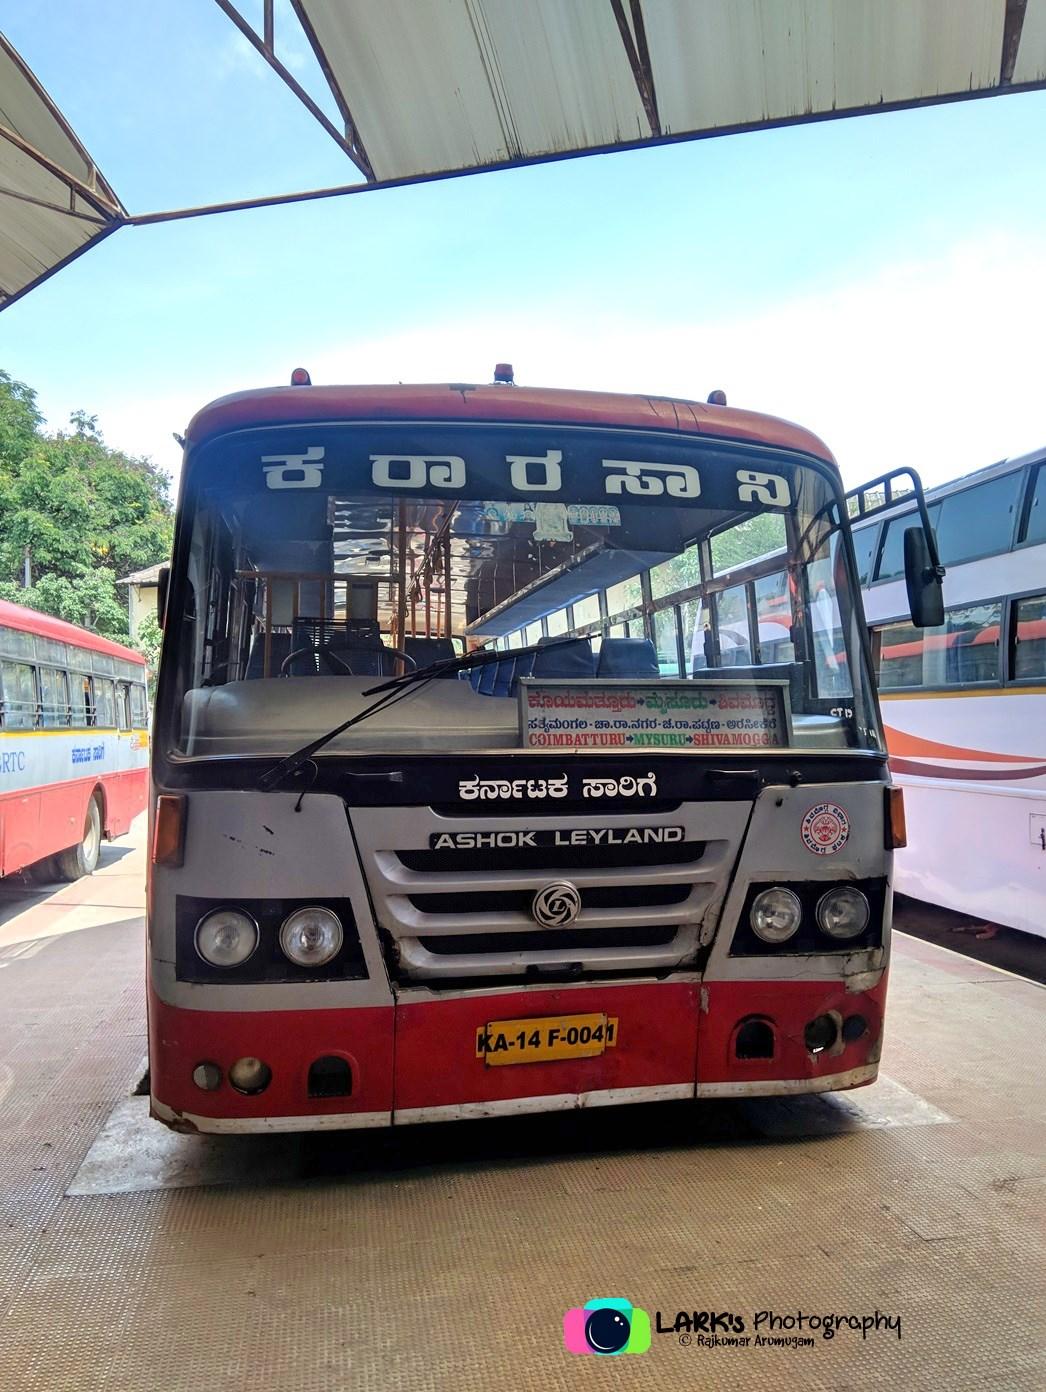 NWKRTC | Vaayavya Karnataka Sarige 'Express' bus KA-29-F-122… | Flickr